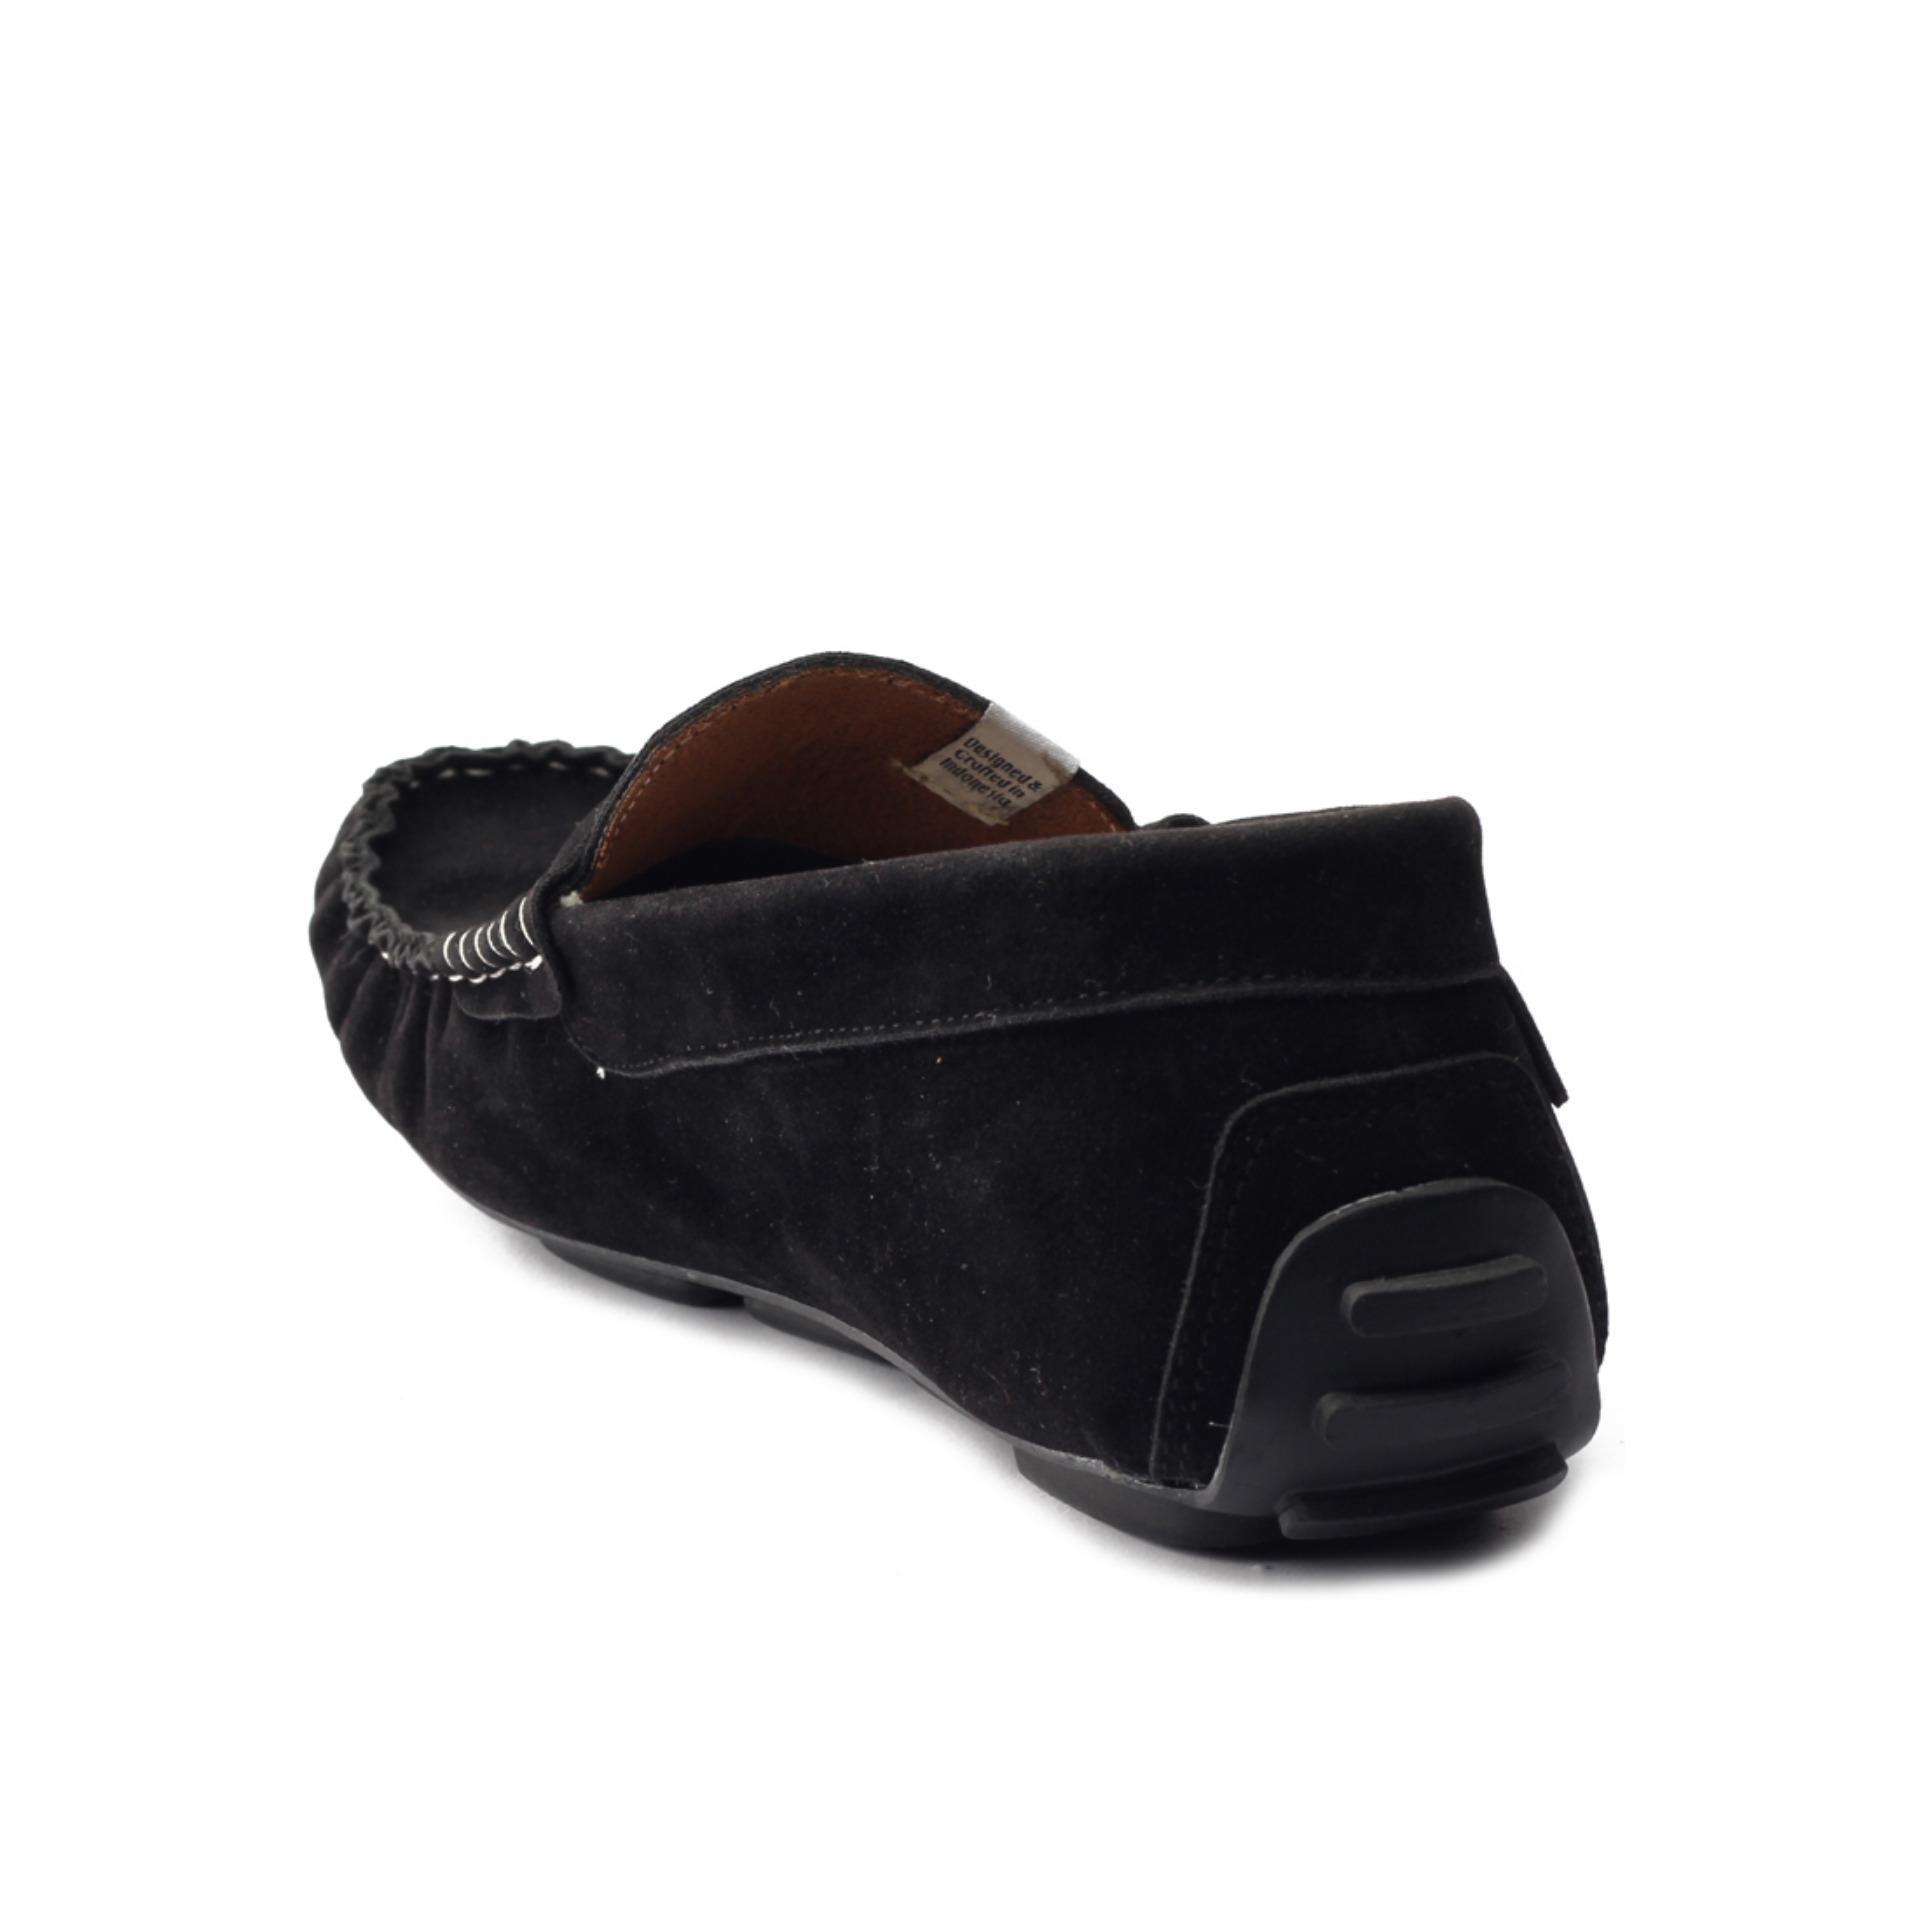 Perbandingan harga Sepatu Lazada Pria Slip on Trumph Eagle Moccasin ... e99e275f70